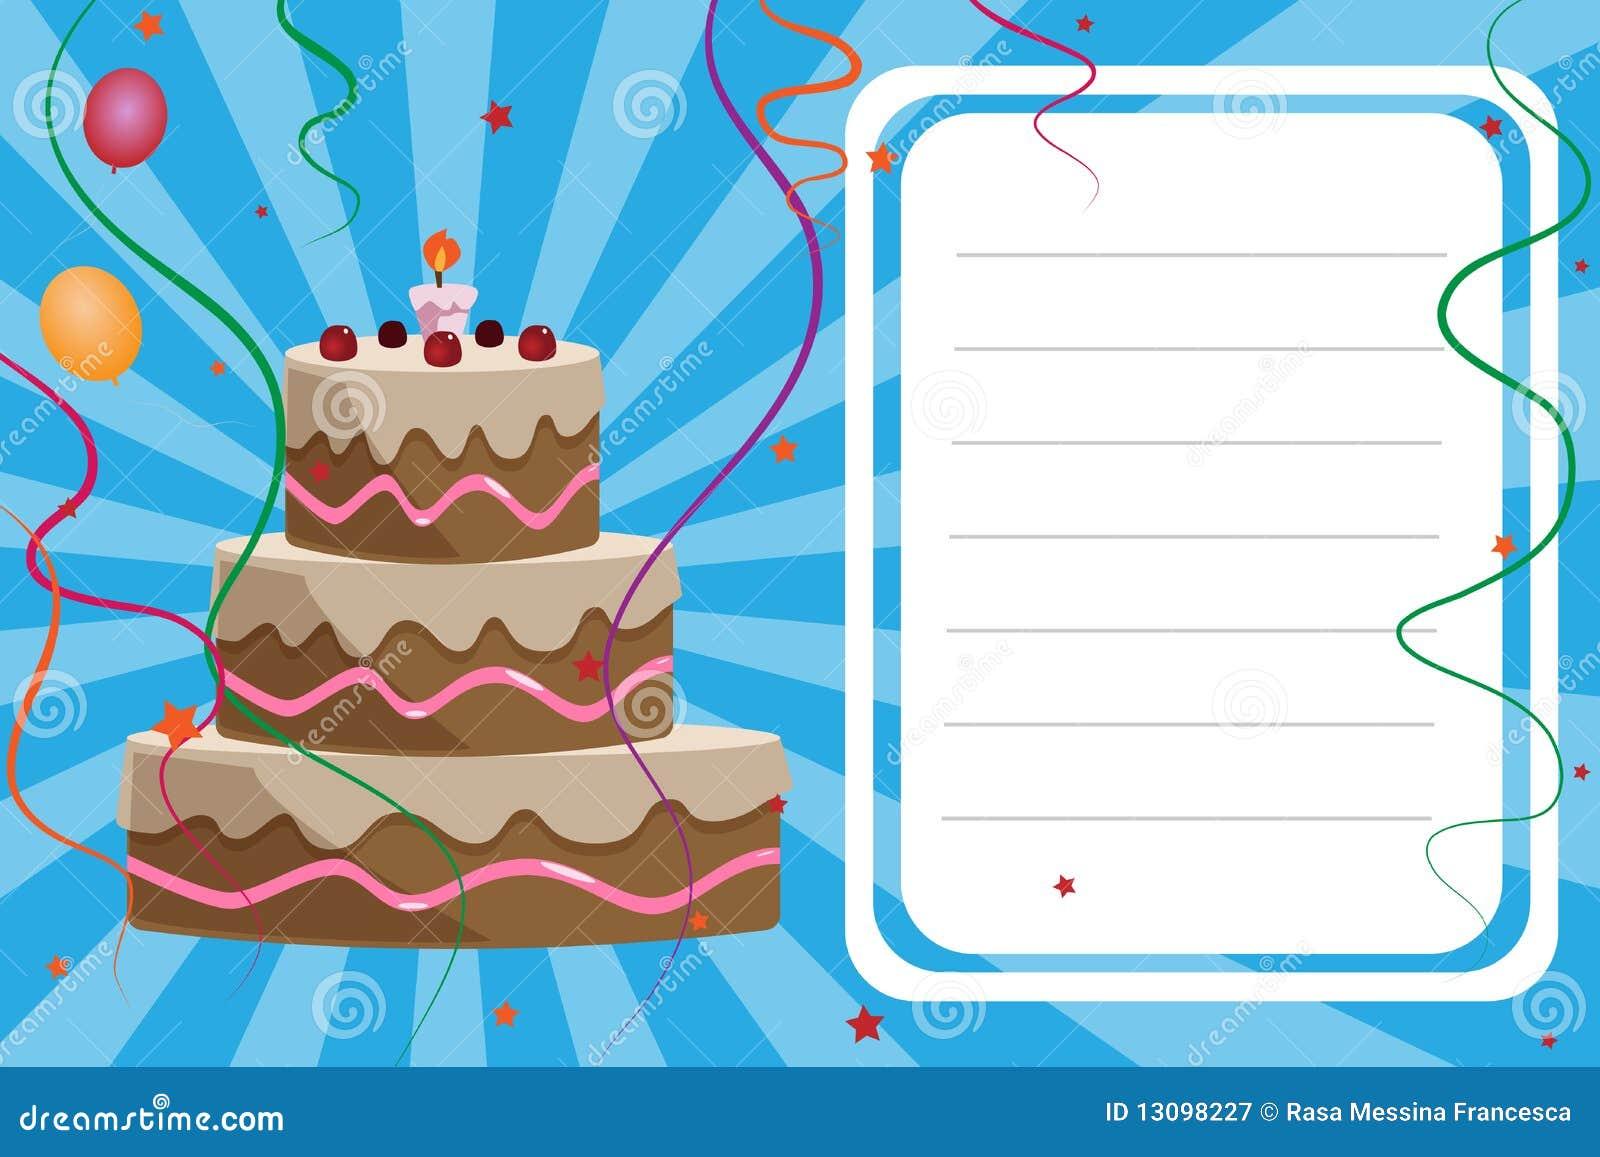 Открытка на казахском языке с днем рождения девочке